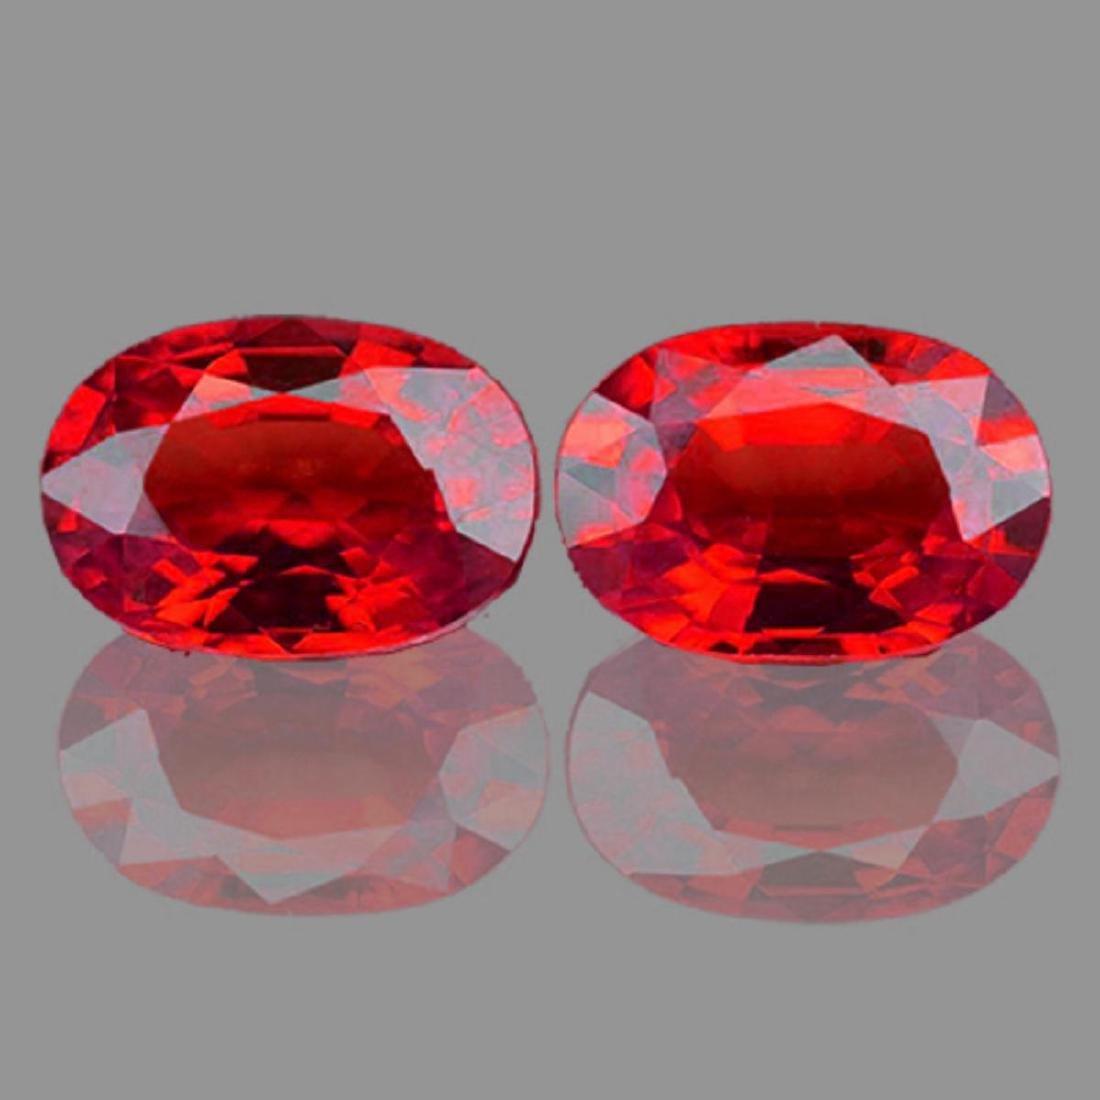 Natural Vivid  Red Burma Ruby Pair - VVS